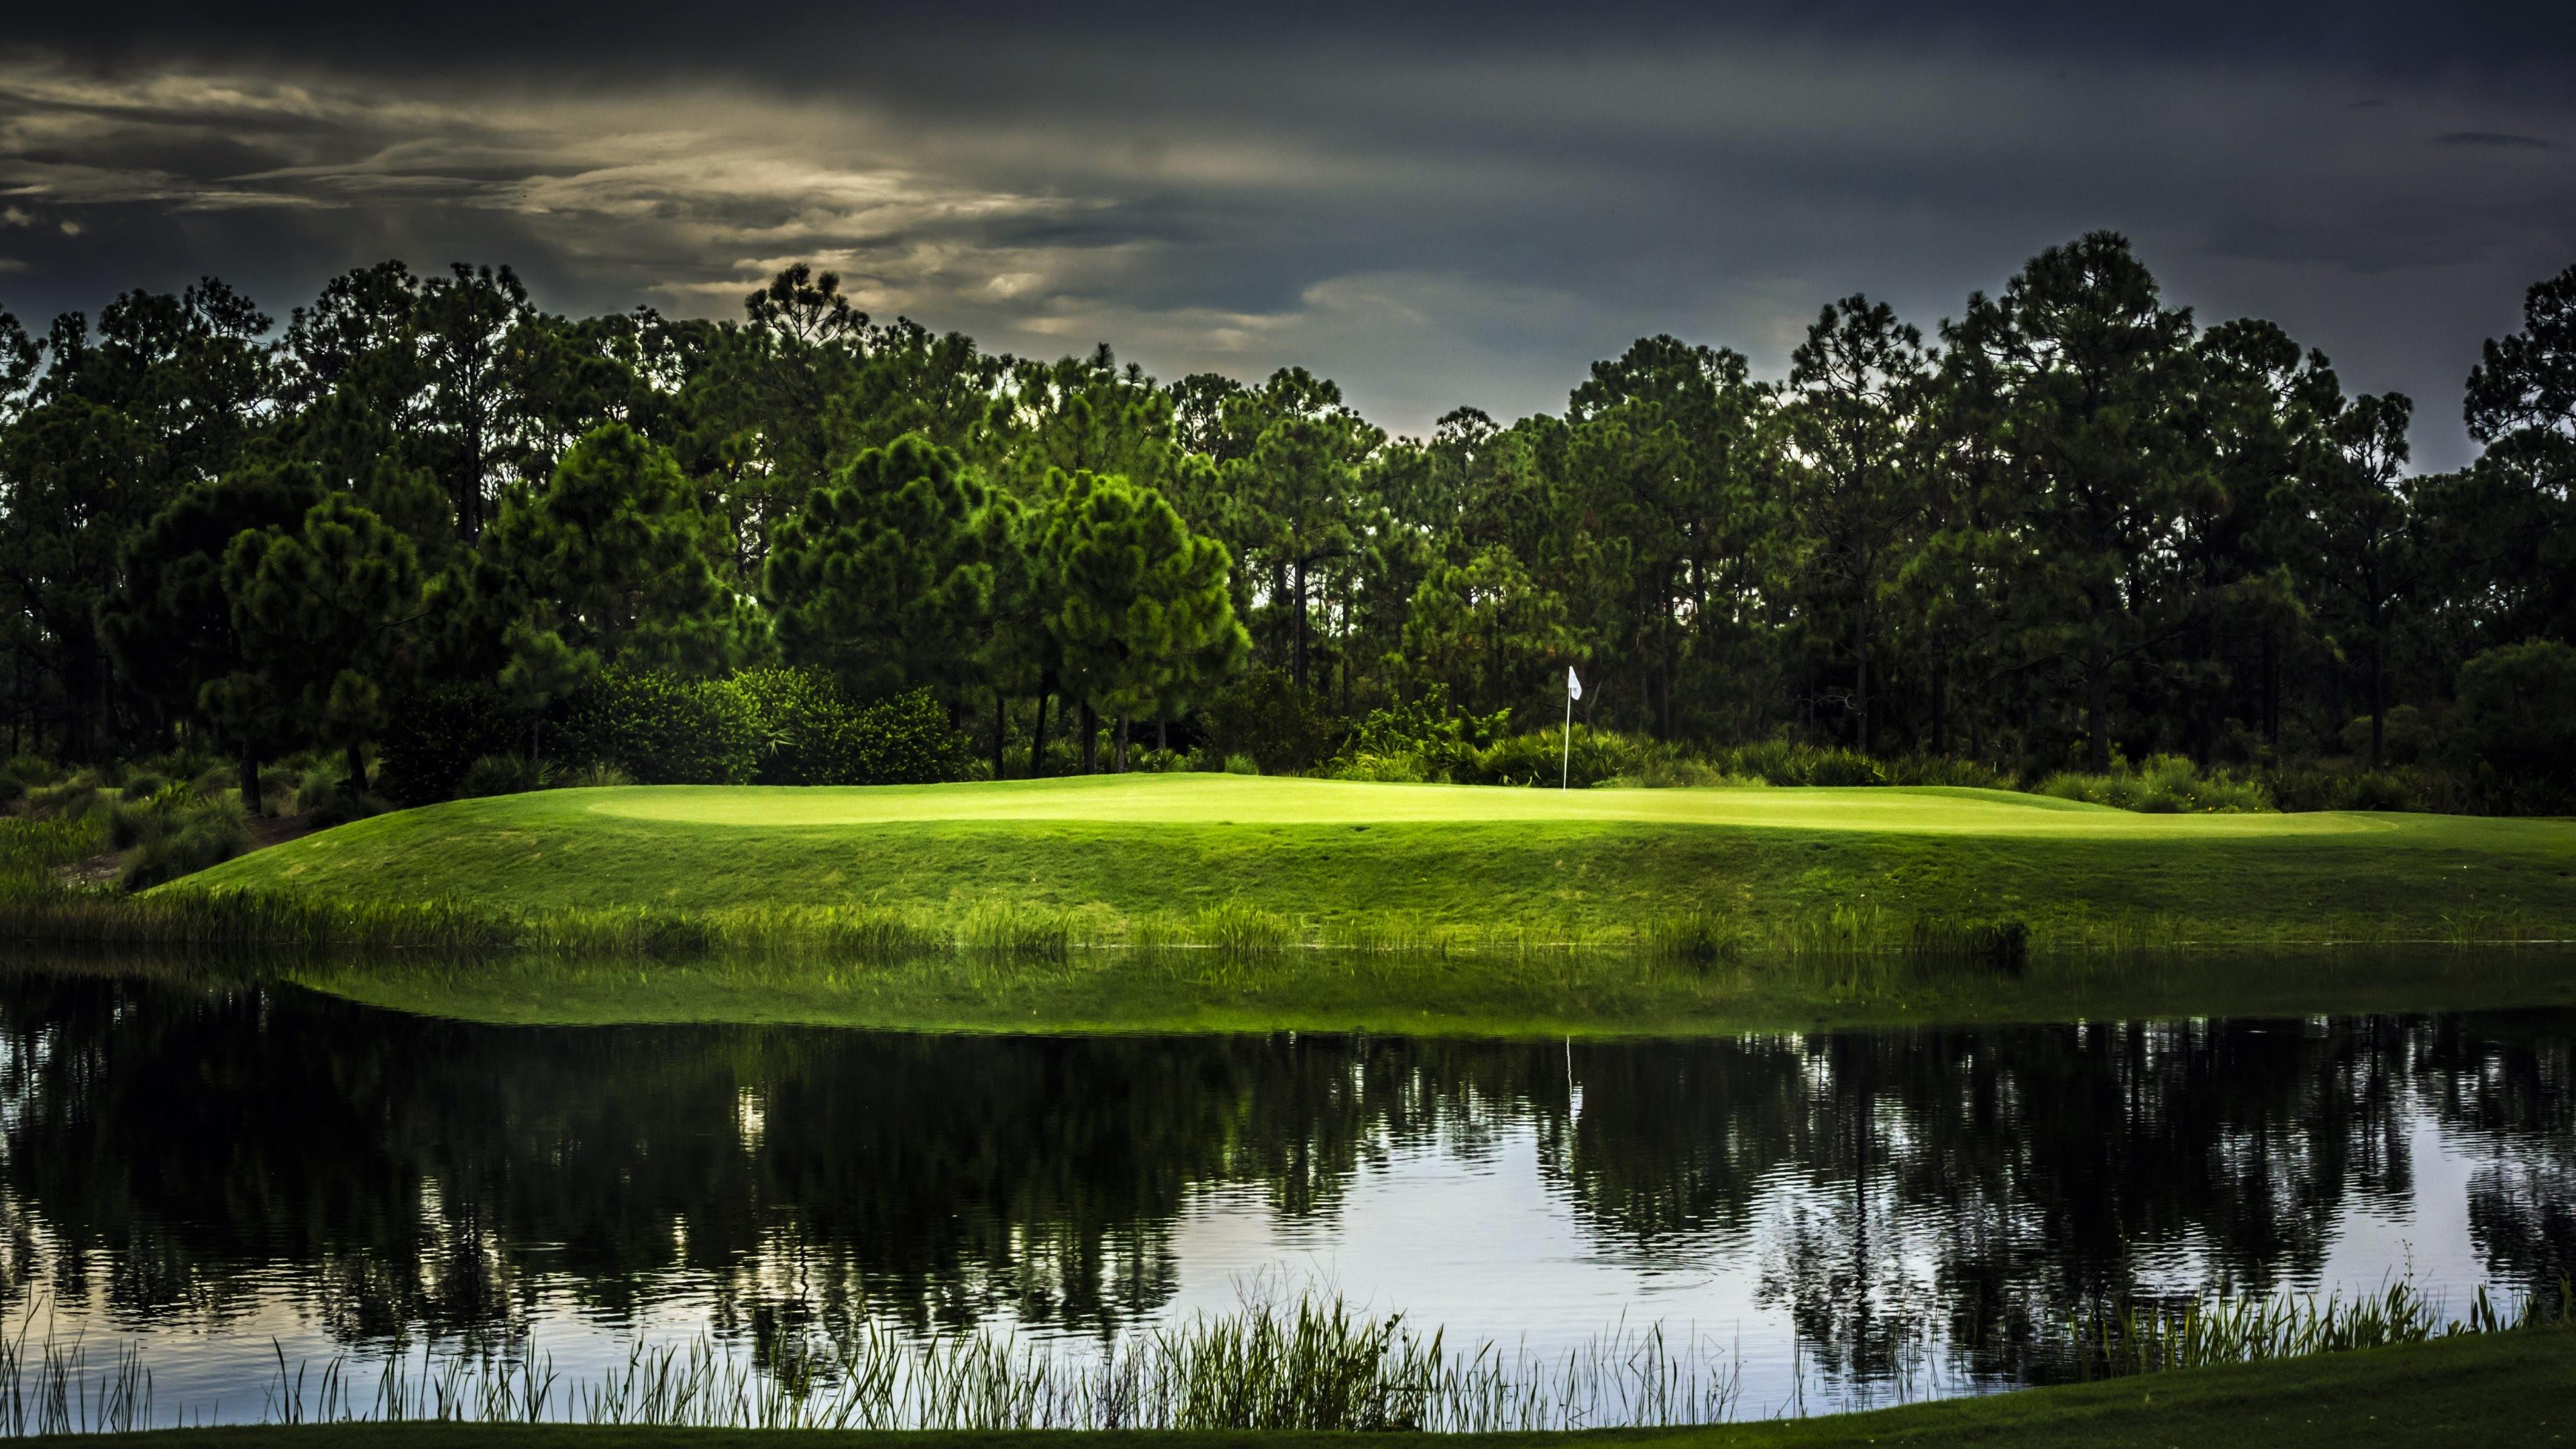 Res: 3840x2160, hd-golf-desktop-wallpaper